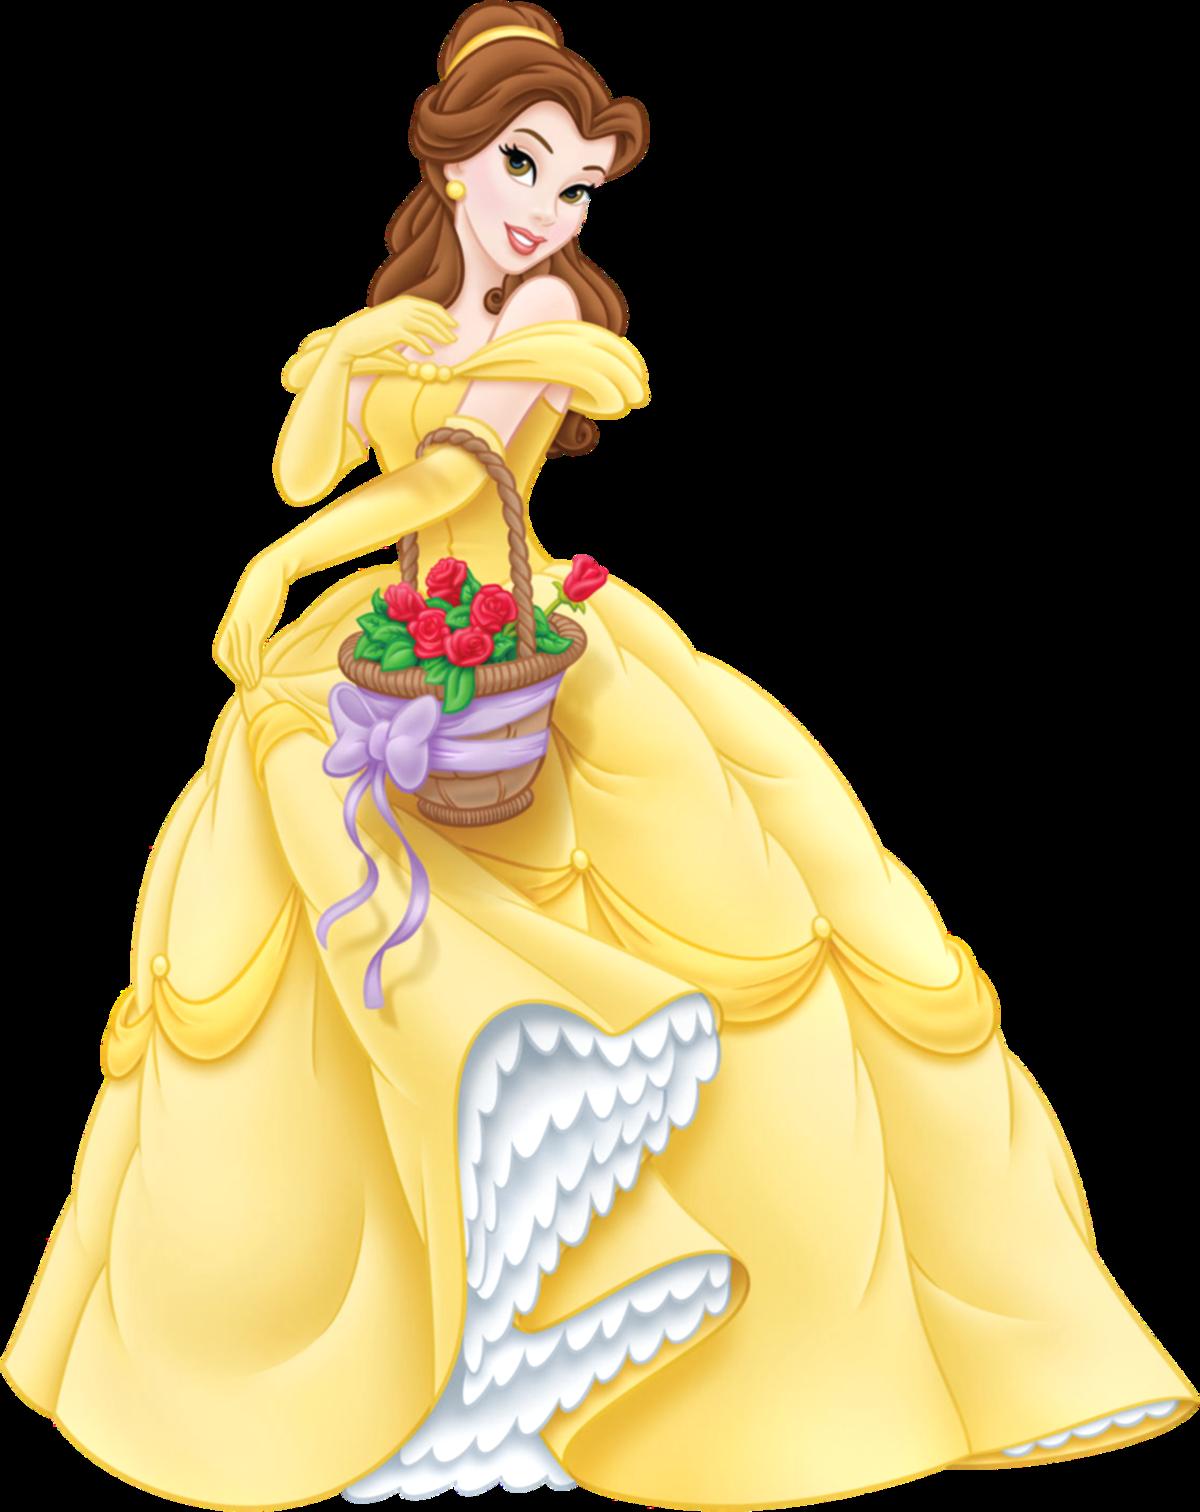 Картинки принцесс на прозрачном фоне